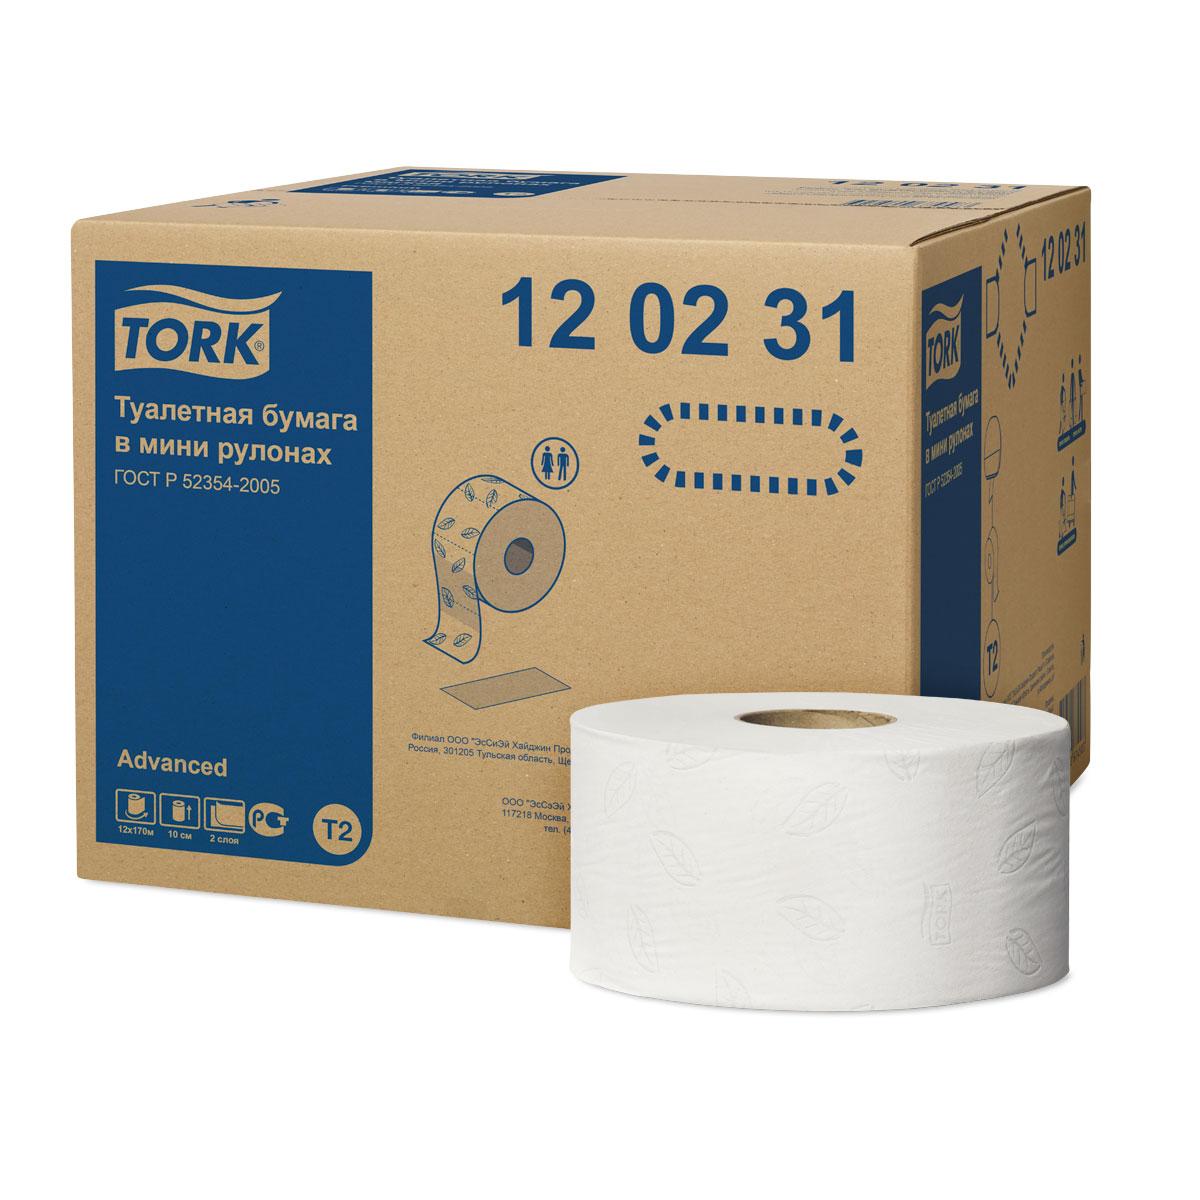 Бумага туалетная Tork, двухслойная, 12 мини-рулонов68/5/3Двухслойная туалетная бумага Tork в мини-рулонах - оптимальное соотношение цены и качества, подходит для туалетных комнат средней и высокой проходимости. Большая емкость, благодаря чему реже требуется перезаправка. Технология цветного тиснения имеет двойную функцию и обеспечивает не только уникальные внешние свойства, но и исключительную мягкость и впитываемость бумаги за счет особого скрепления слоев. Все категории бумаги, отмеченные цветным тиснением, обеспечивают не только более привлекательный внешний вид продукции, но и большую мягкость.